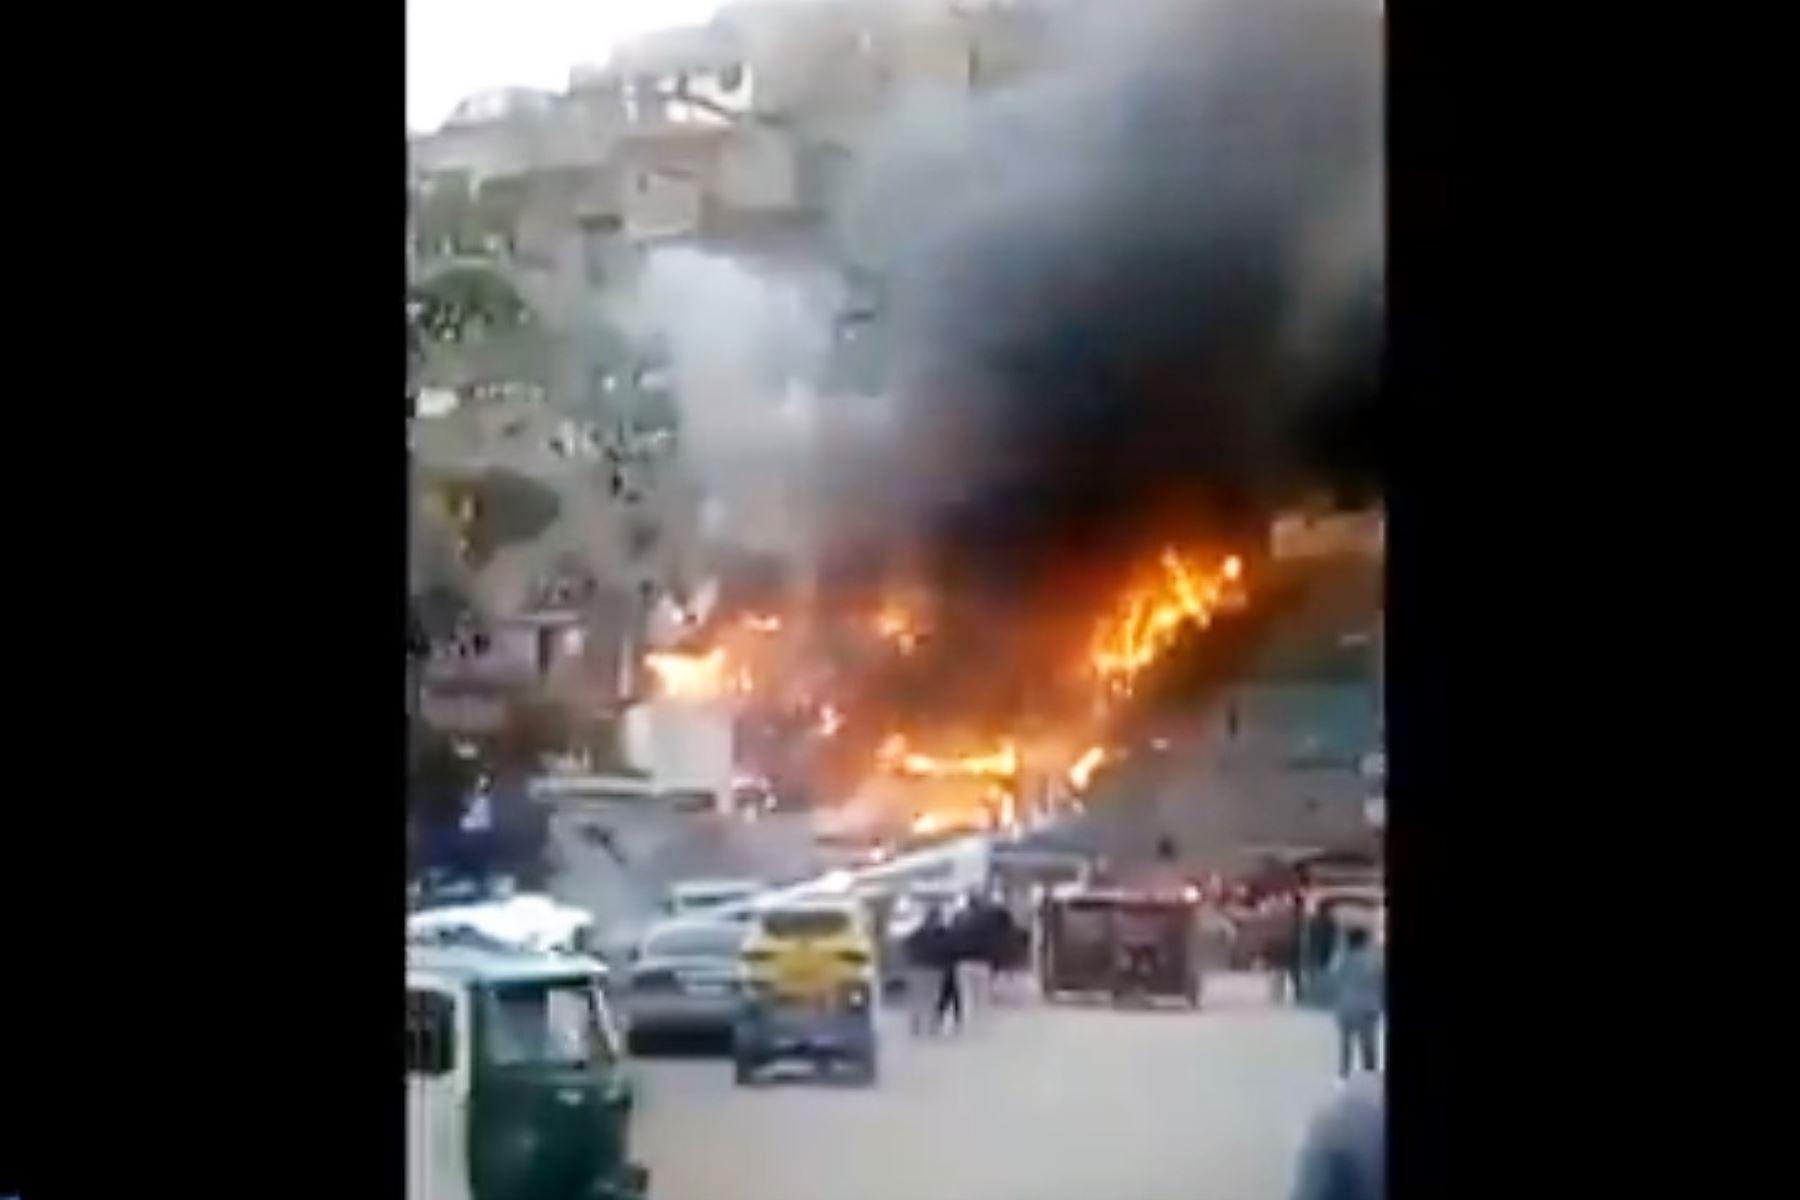 Al menos 30 viviendas de material rústico fueron arrasadas por incendio urbano en el distrito de Villa María del Triunfo. Foto: Captura TV